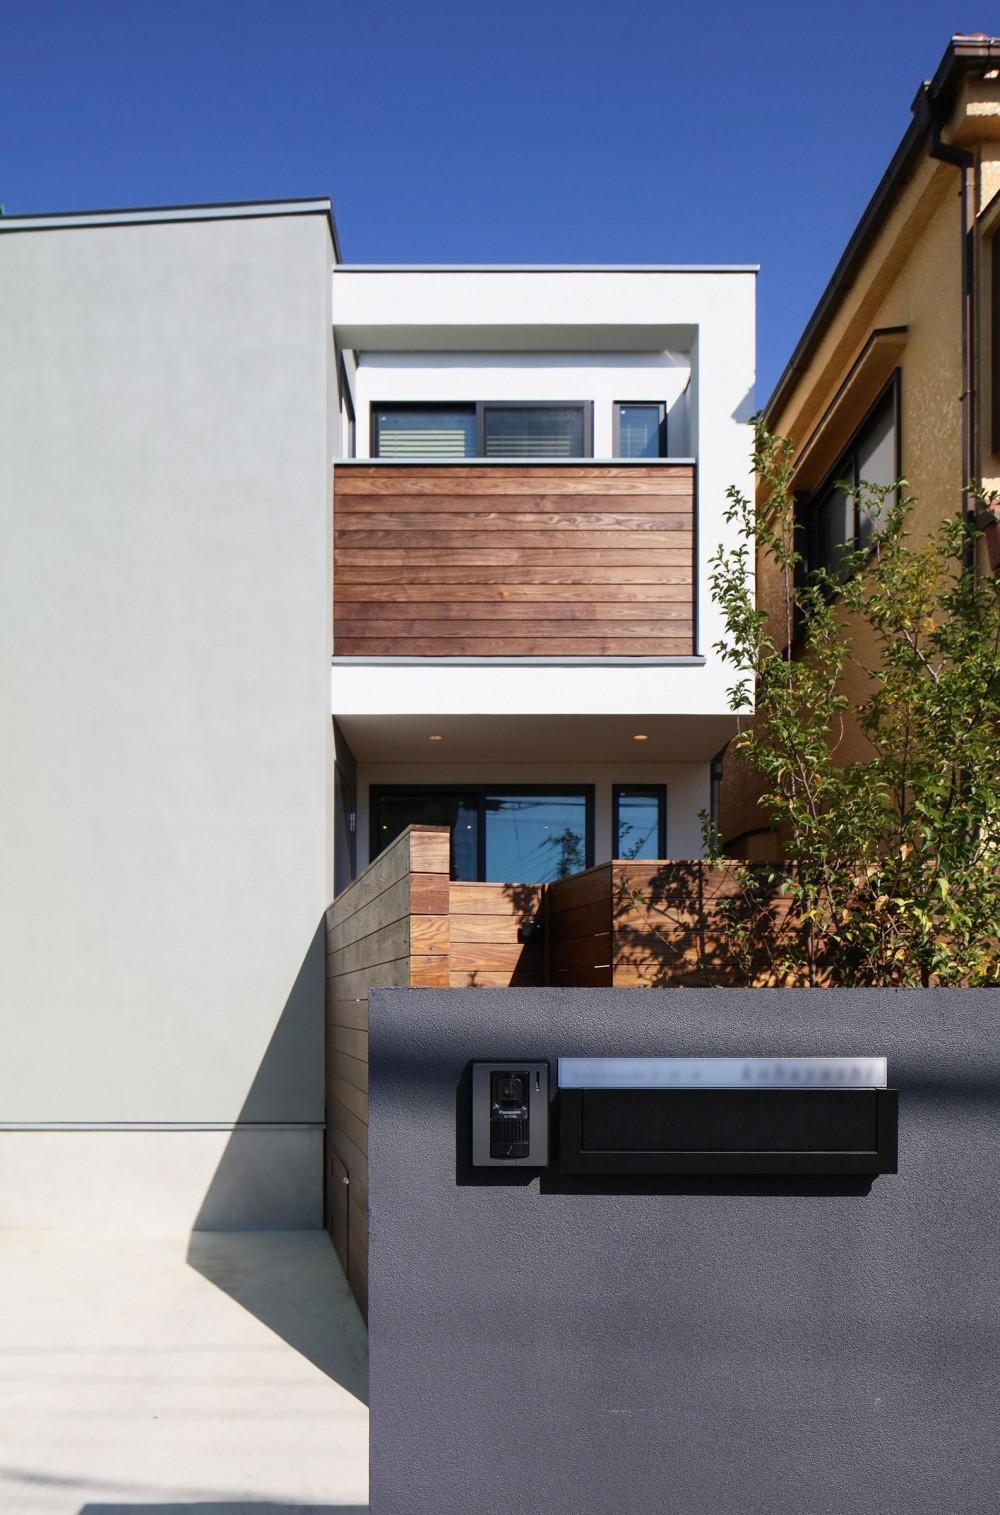 ウッドテラスの家・WOOD TERRACE HOUSE 東京都杉並区 (外観1)